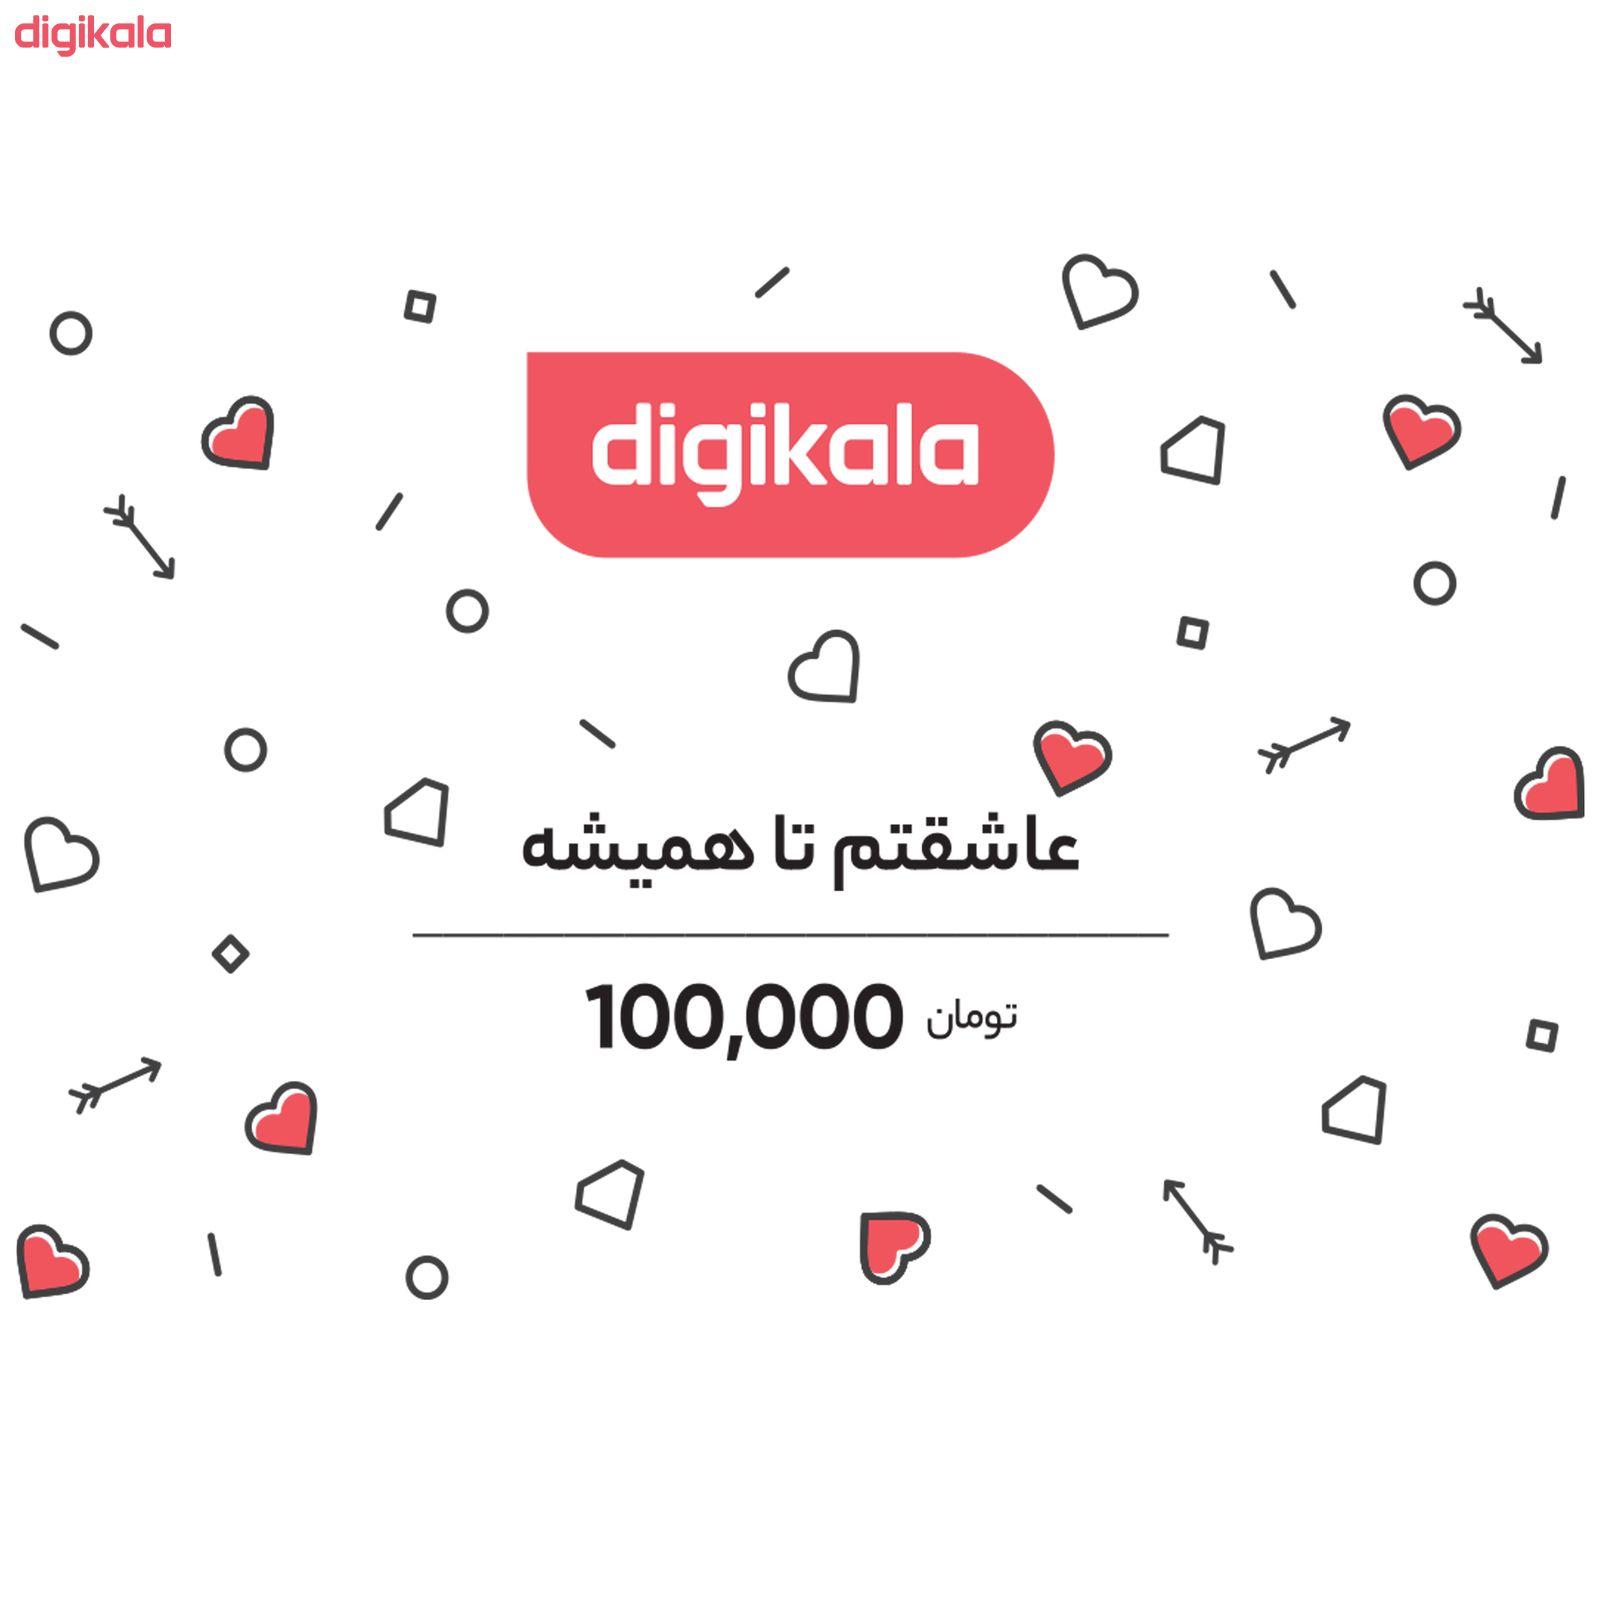 کارت هدیه دیجی کالا به ارزش 100,000 تومان طرح قلب main 1 1